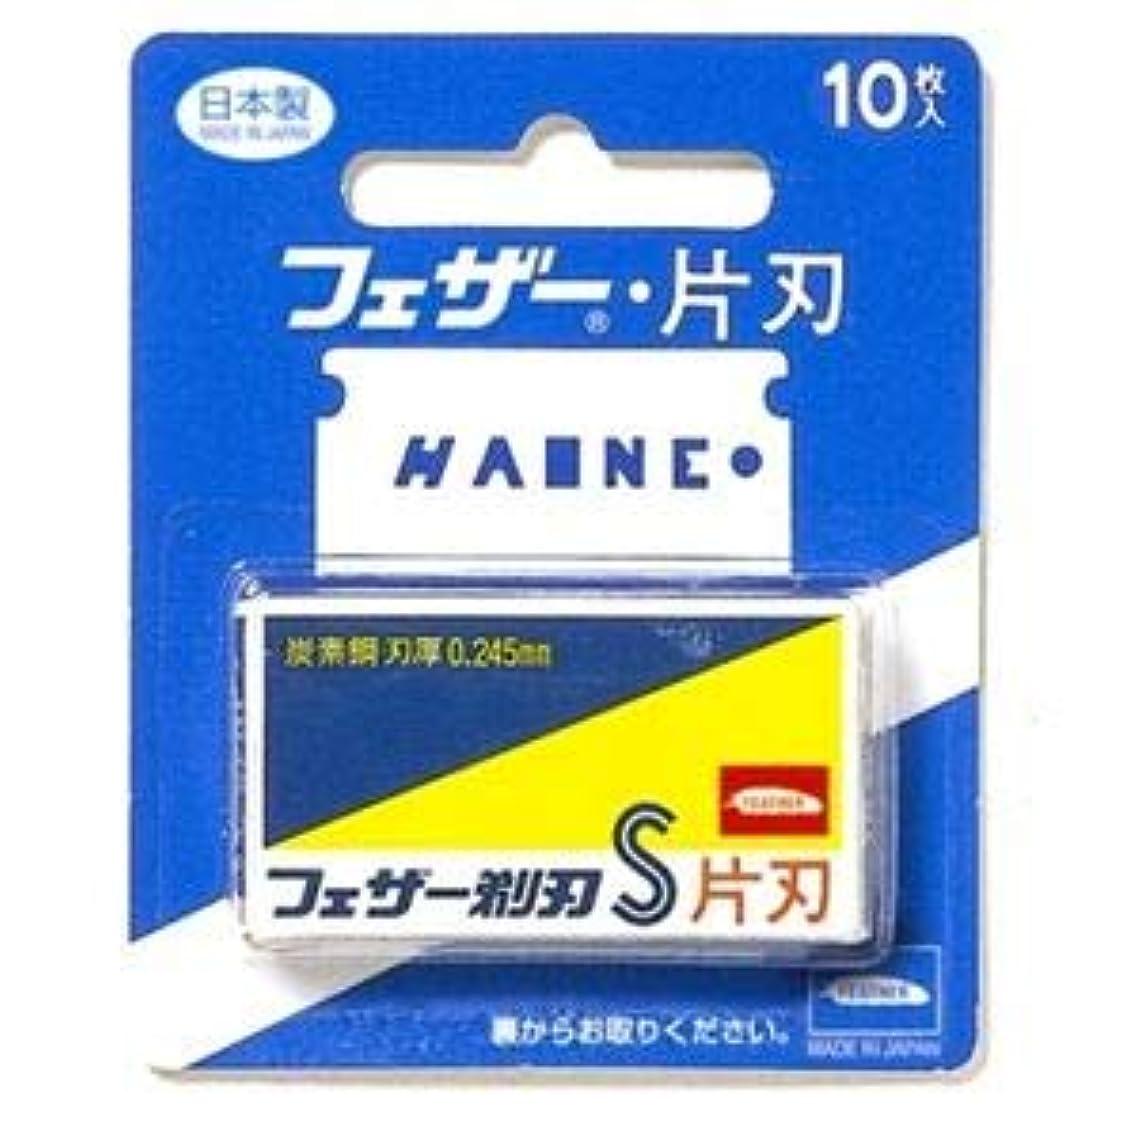 商品セントバッテリー(まとめ)フェザー安全剃刃 青函片刃 10枚入 【×5点セット】